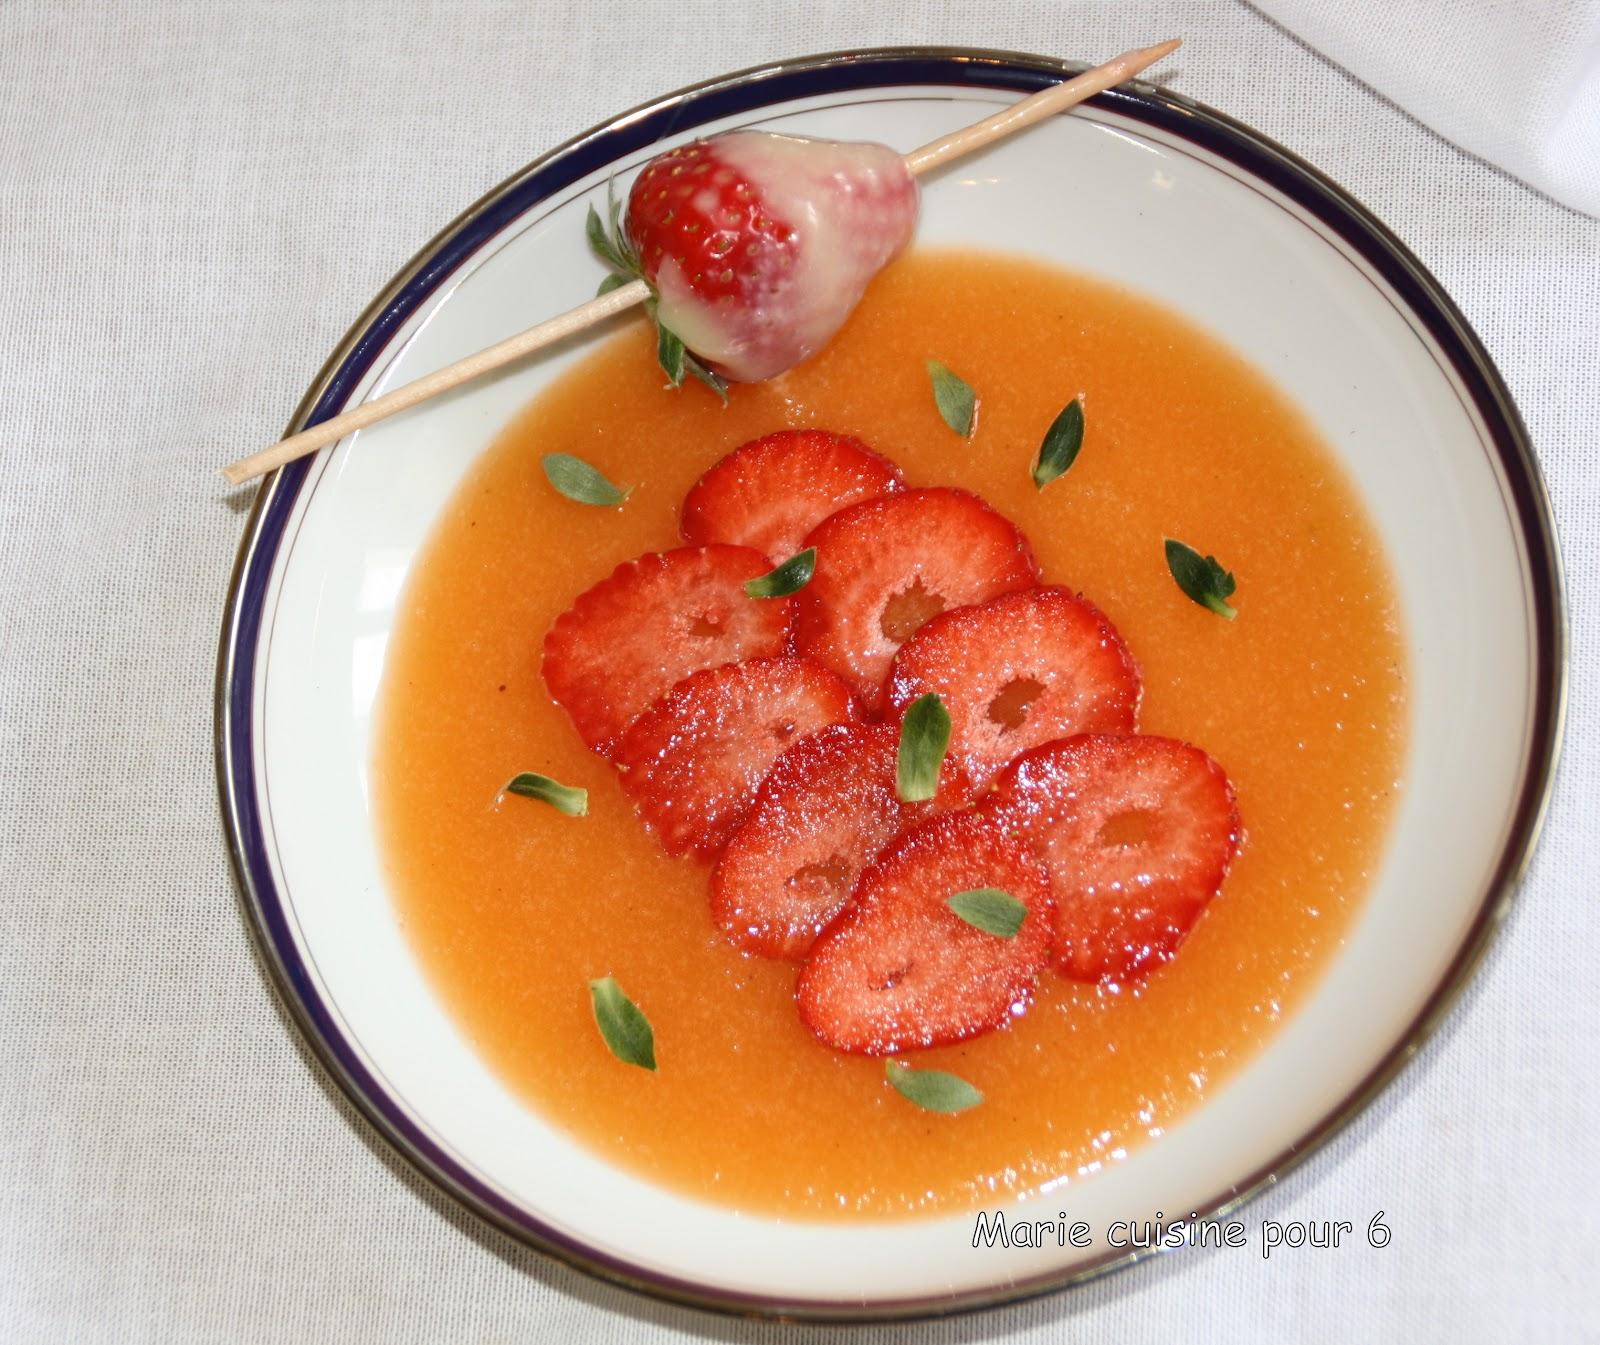 marie cuisine pour 6 soupe de melon glacee fraises et menthe. Black Bedroom Furniture Sets. Home Design Ideas